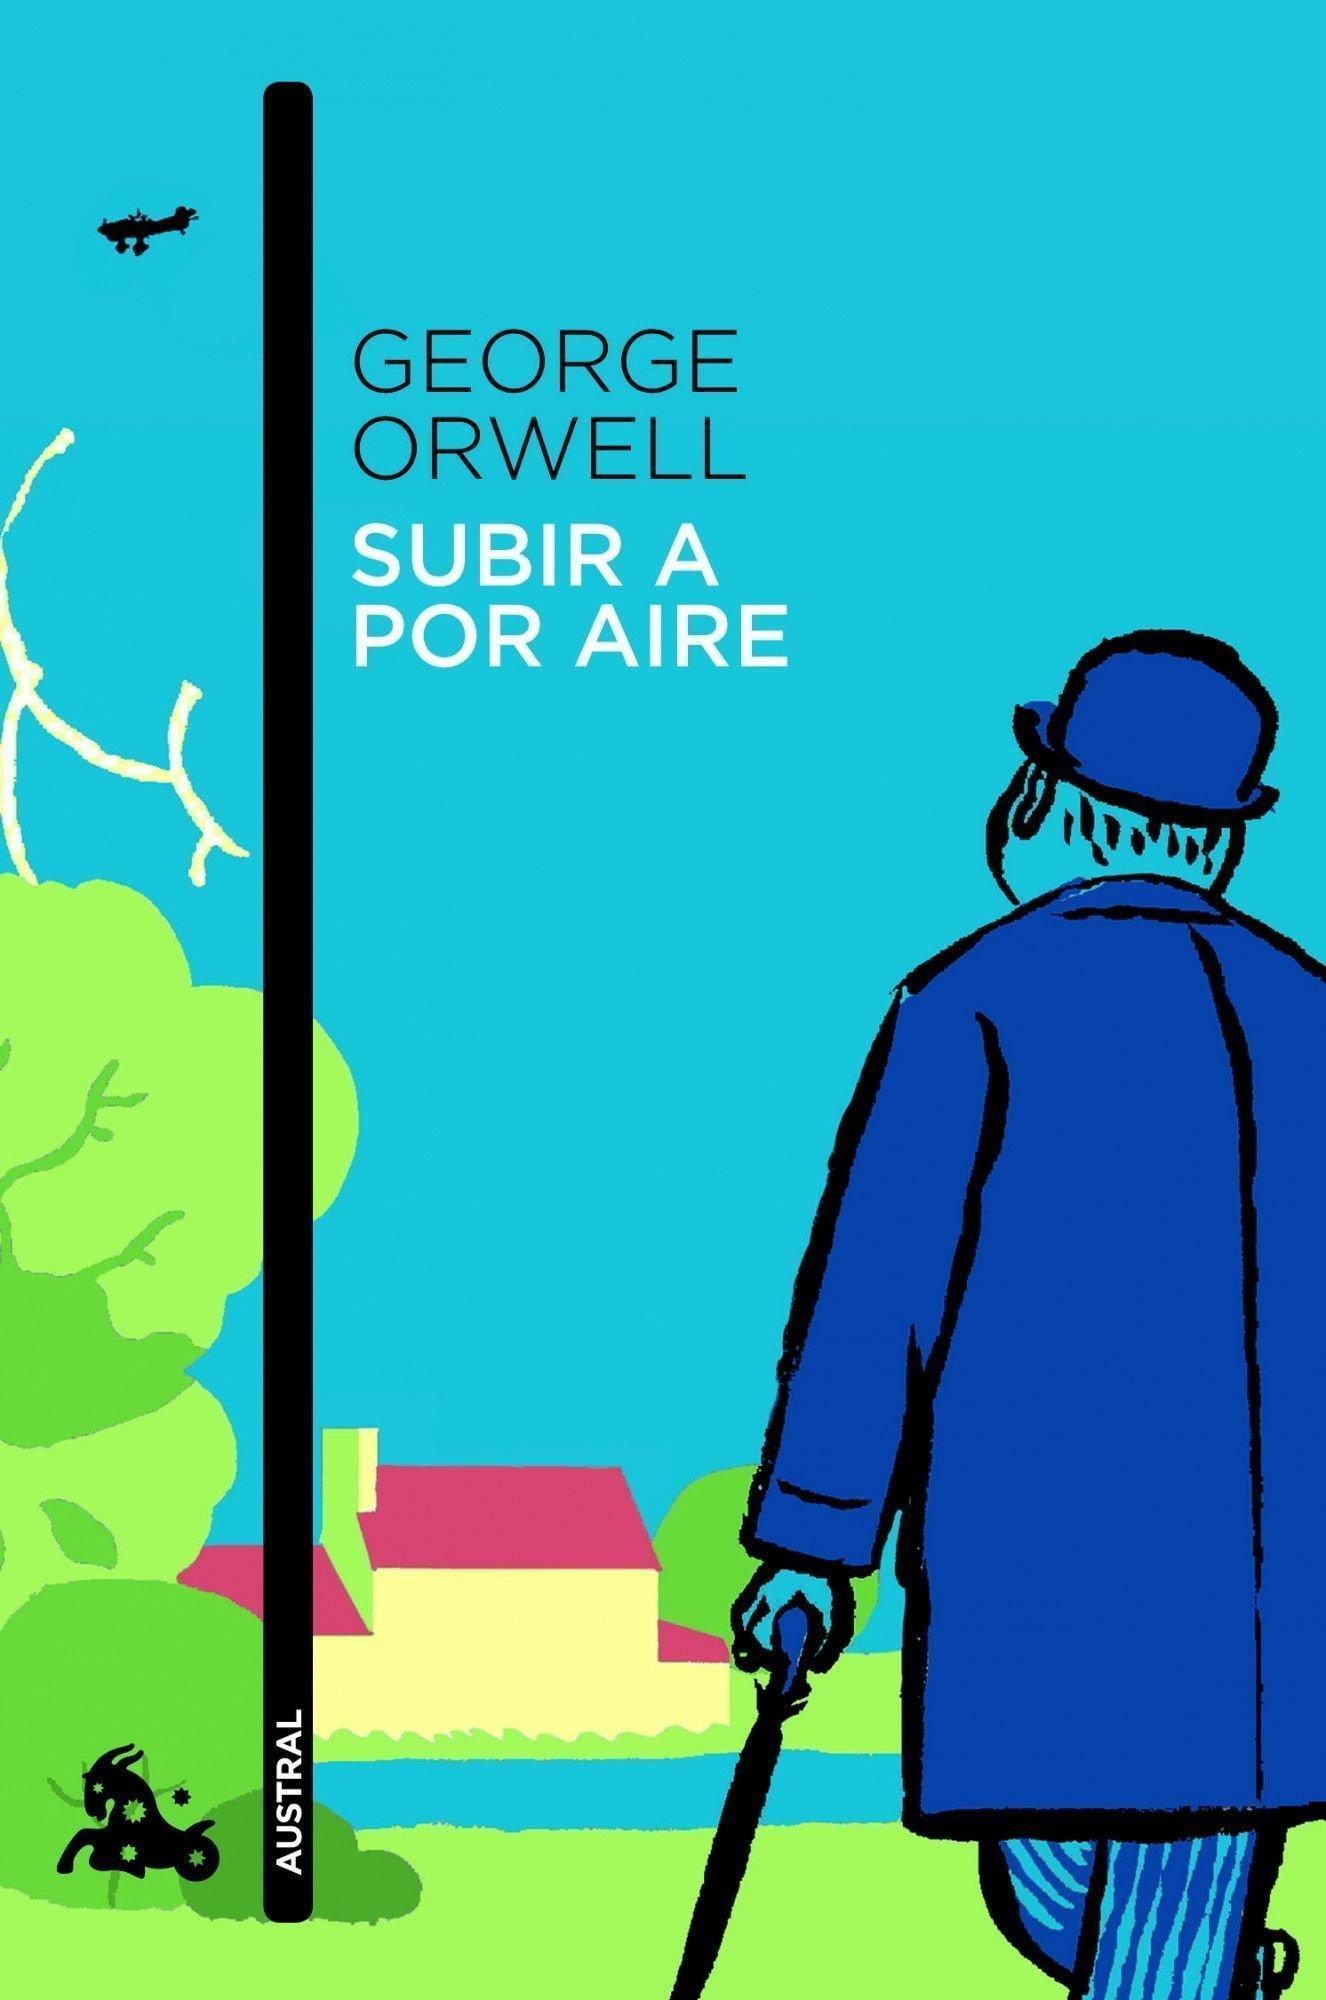 Subir a por aire (Contemporánea): Amazon.es: Orwell, George, Donato, Ester: Libros